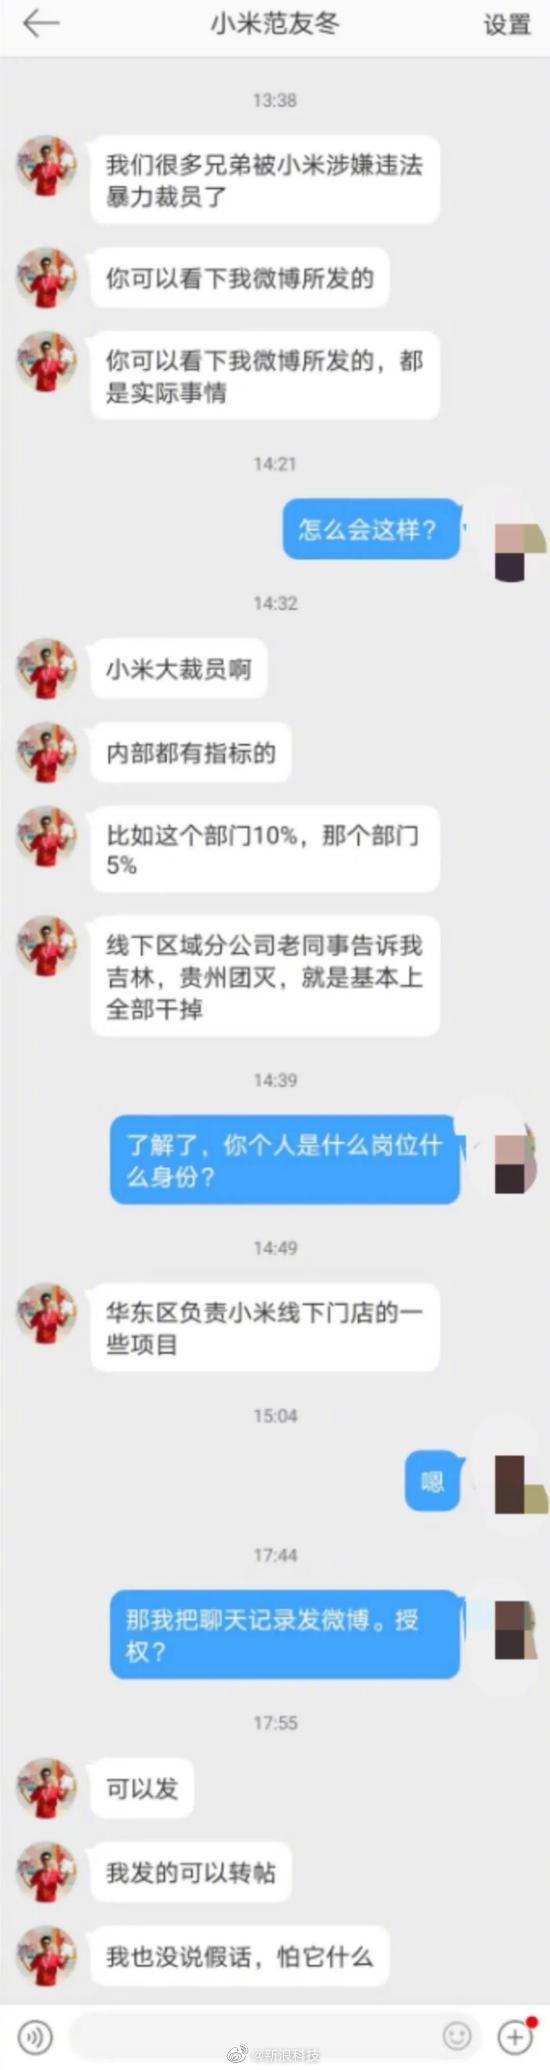 小米回应涉嫌违法裁员:不存在暴力裁员一说_零售_电商报